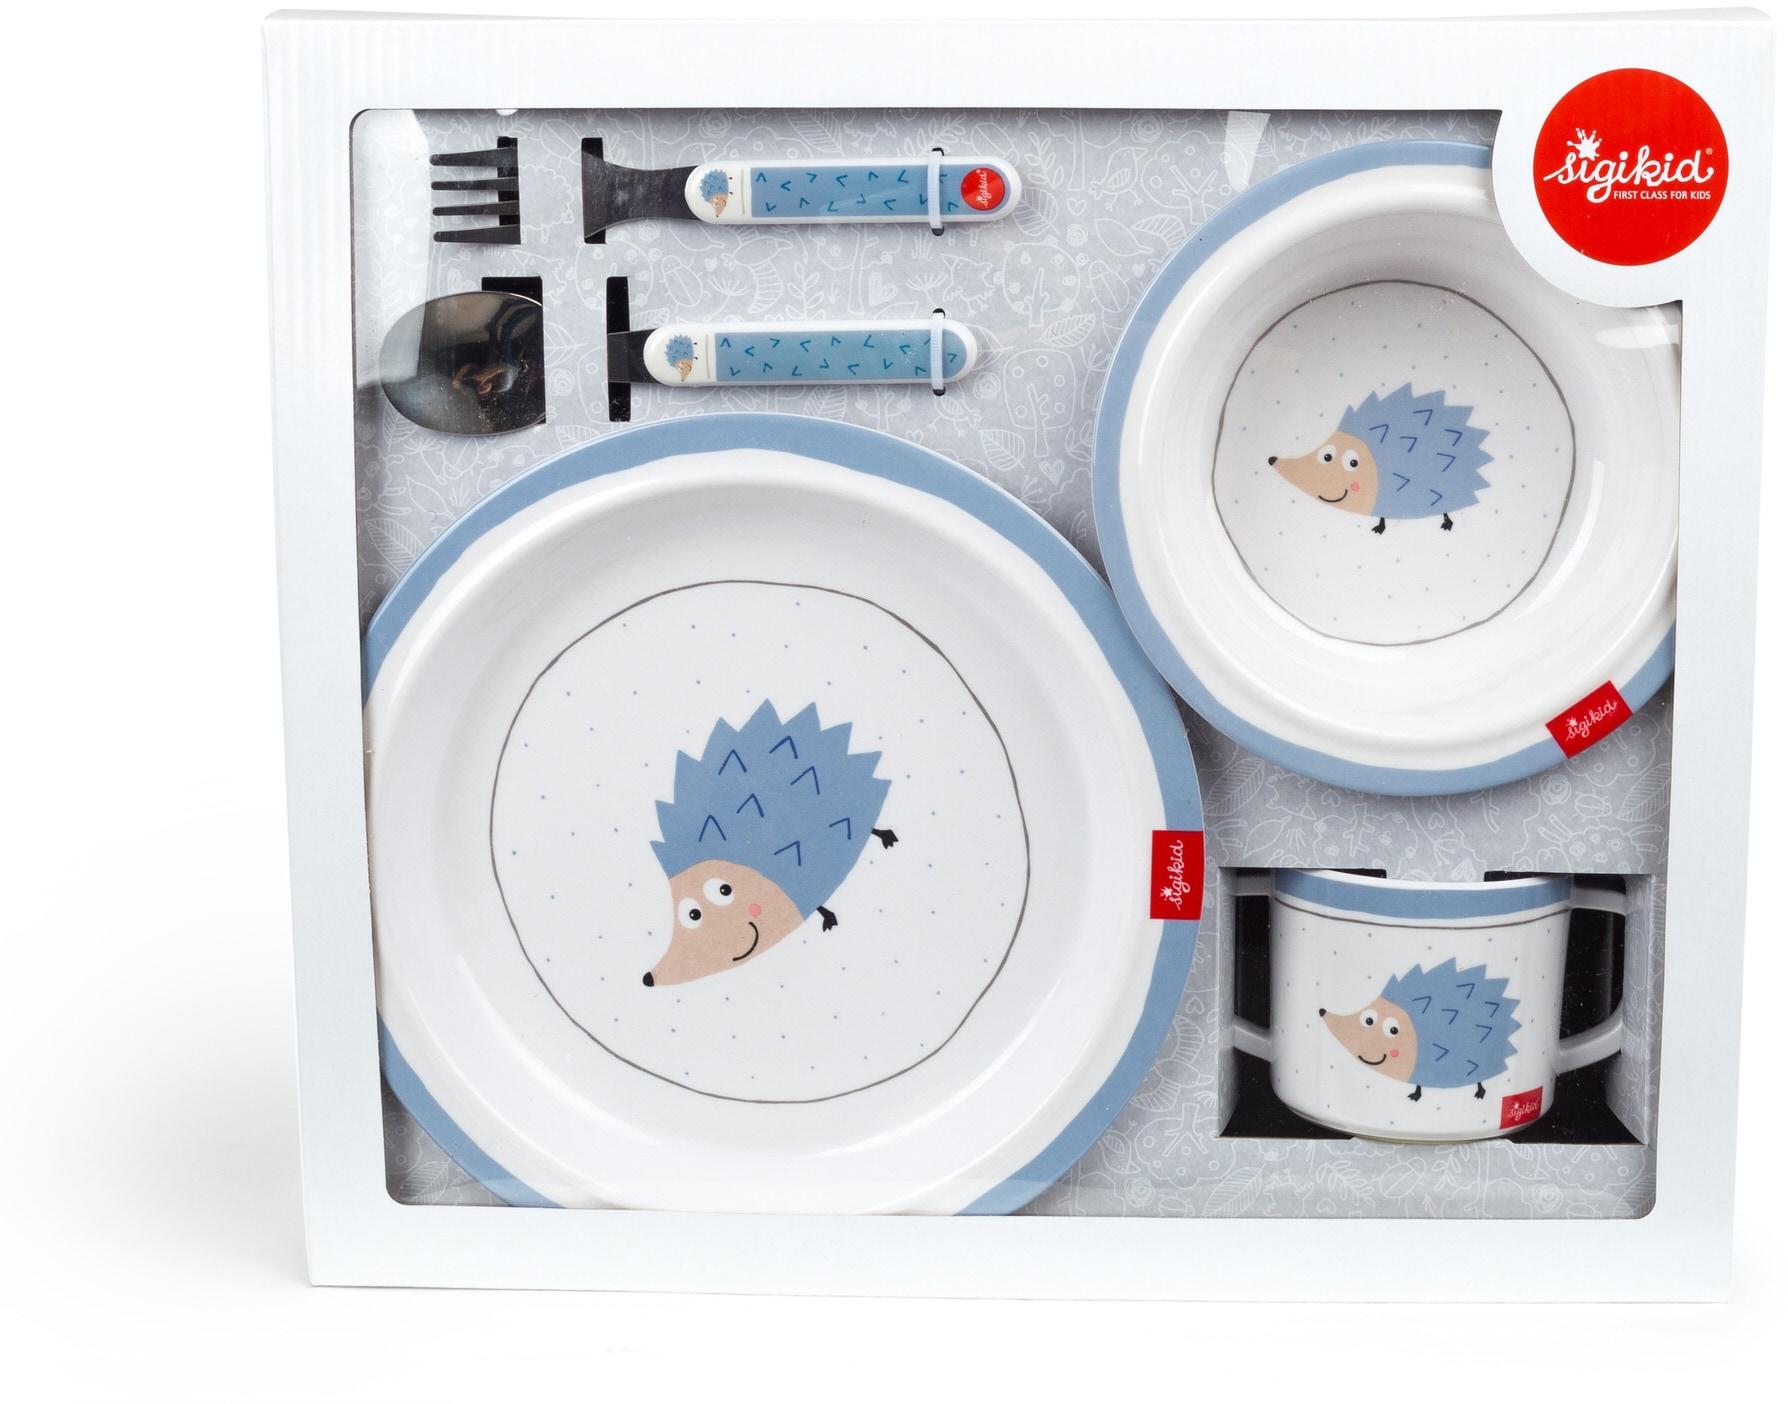 Sigikid Kindergeschirr-Set Igel blau Baby Kindergeschirr Geschirr, Porzellan Tischaccessoires Haushaltswaren